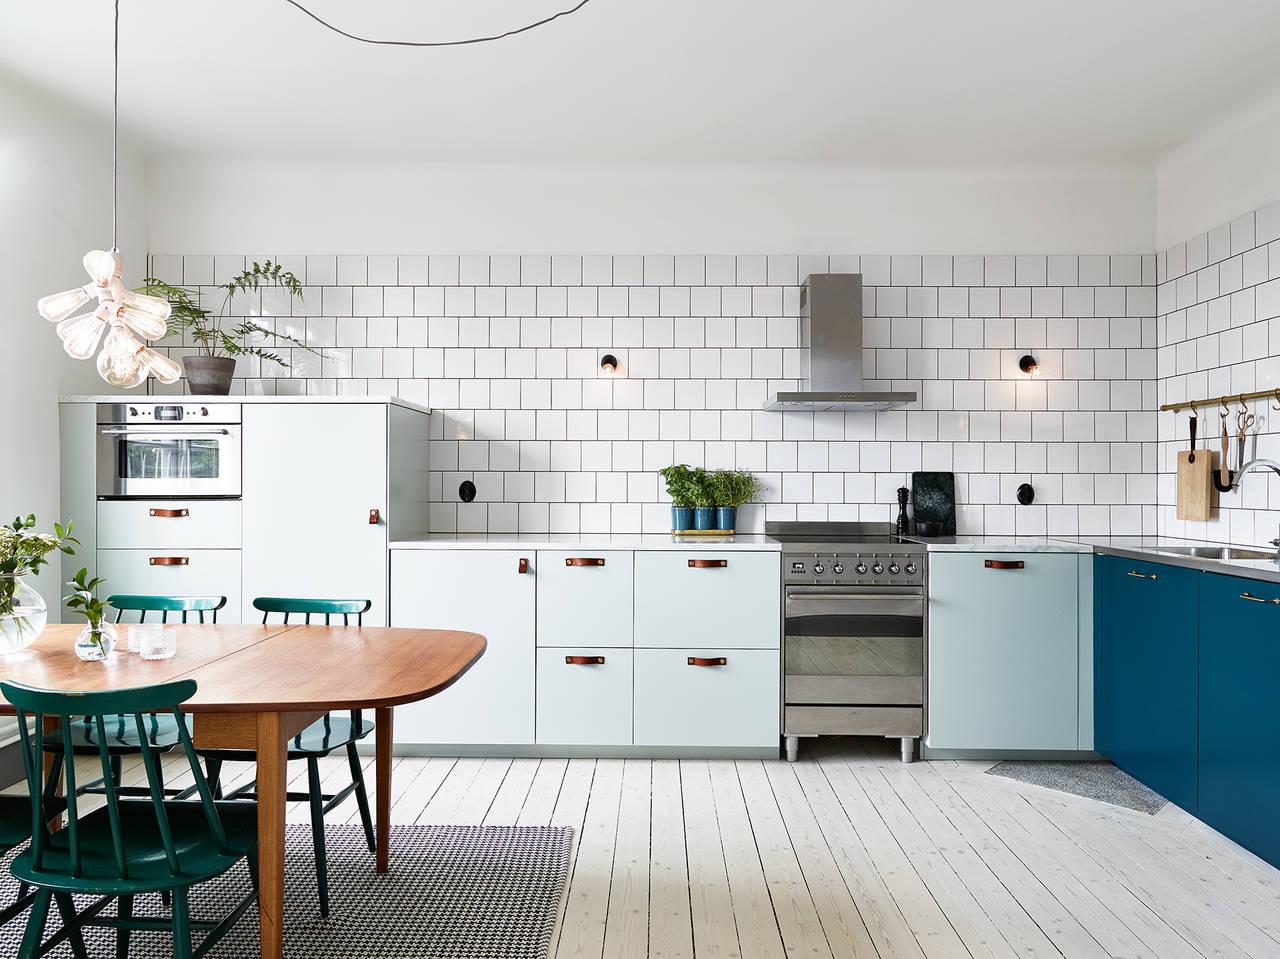 Keuken In Mintgroen En Petrol Blauw Inrichting Huis Com